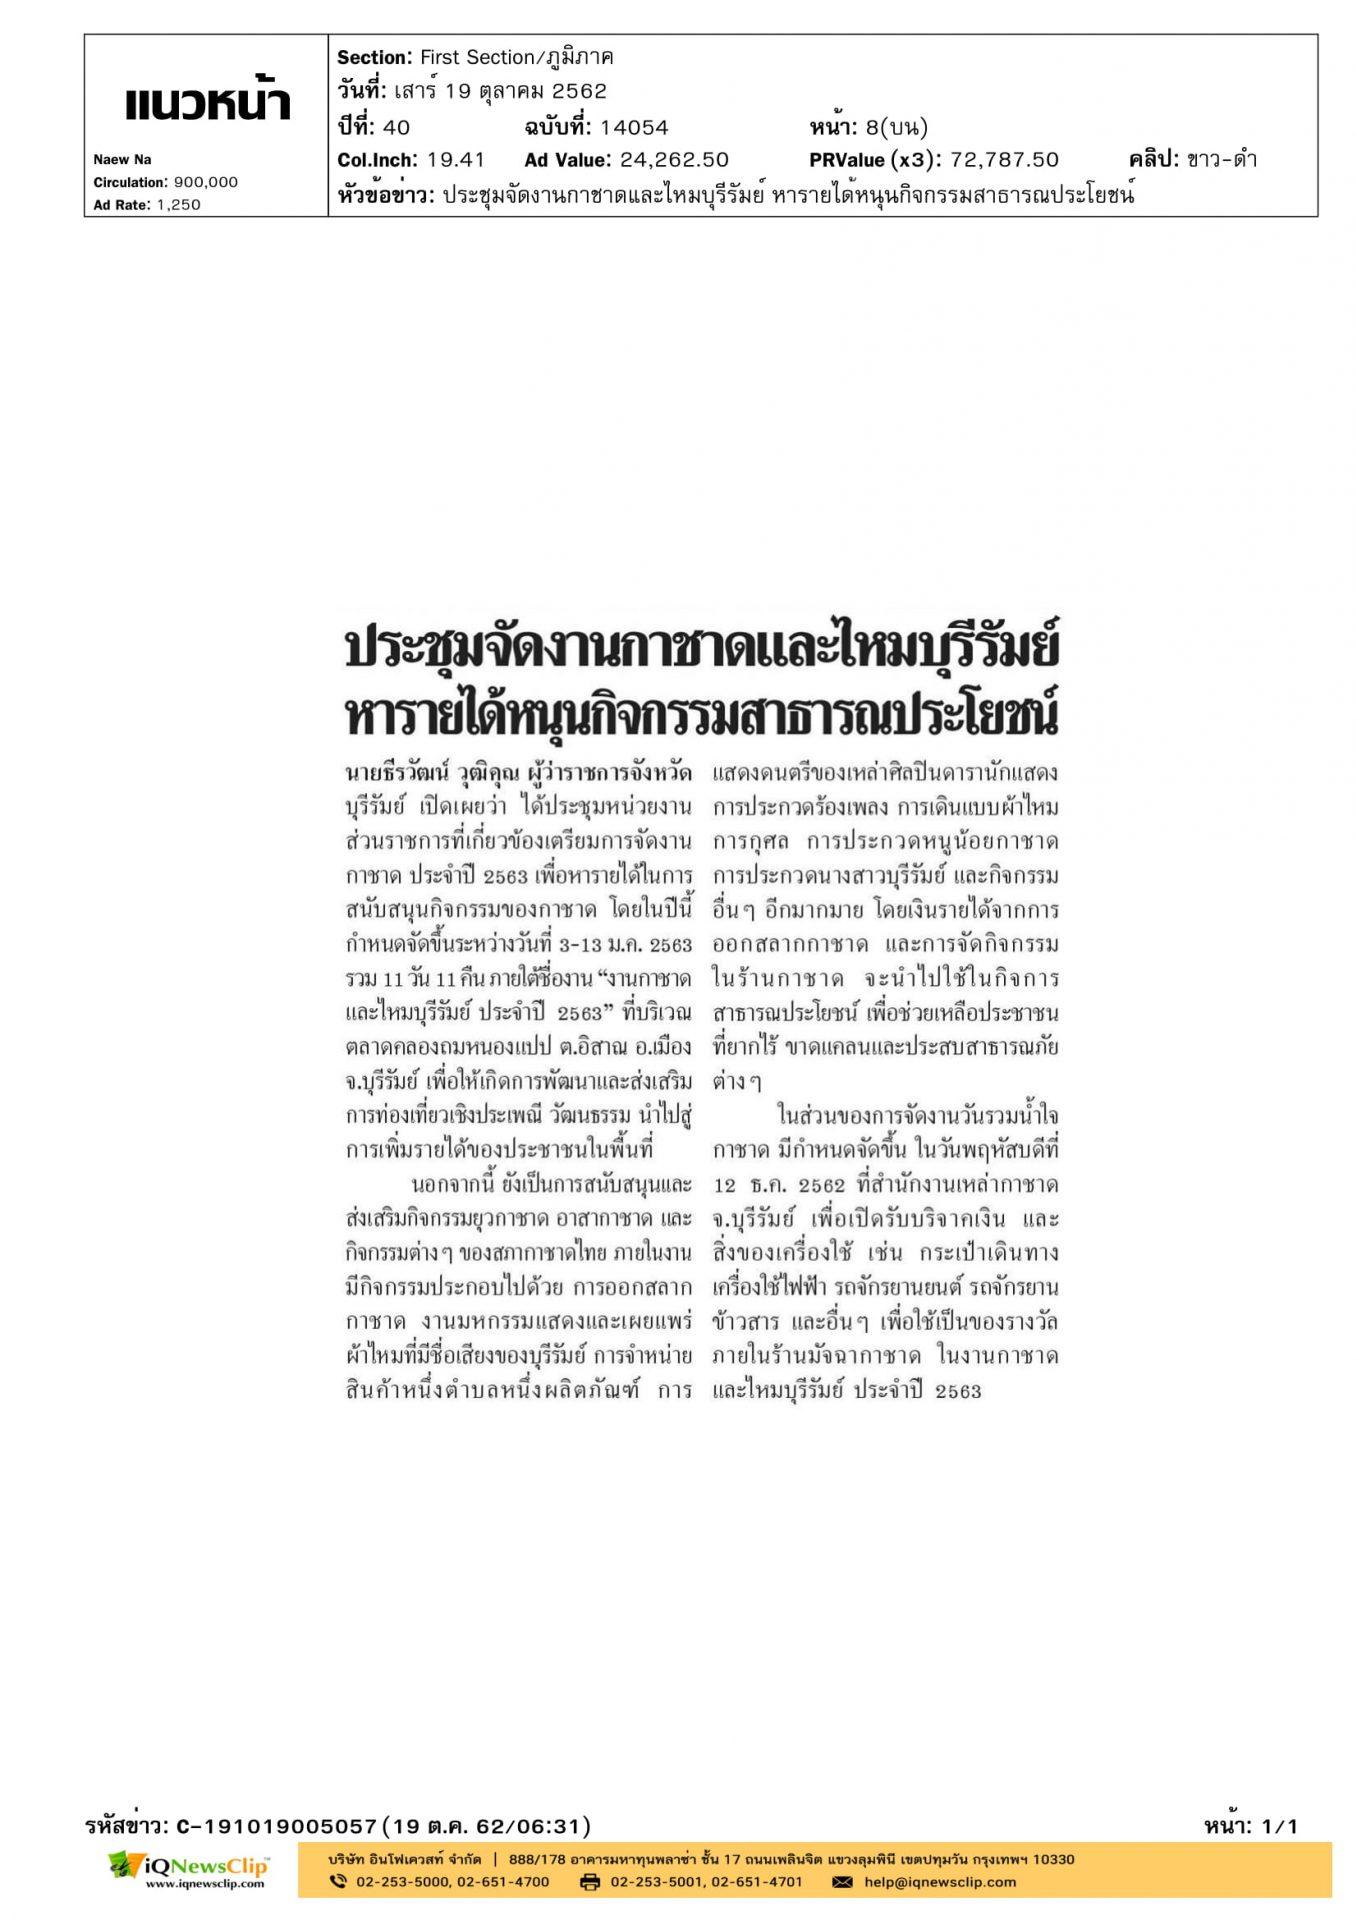 เตรียมจัดงานกาชาดและไหมบุรีรัมย์ ประจำปี 2562